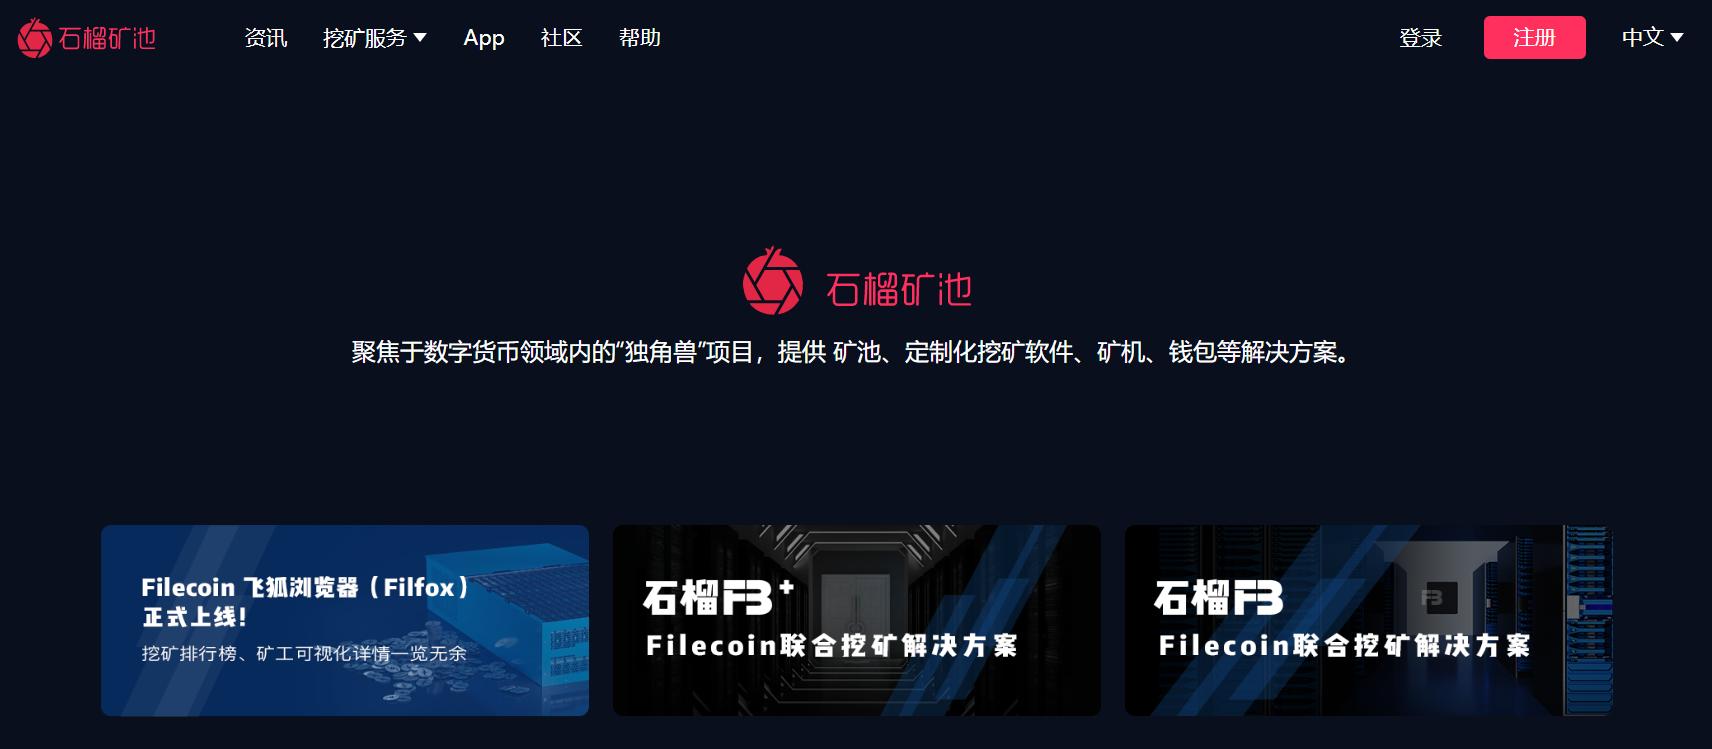 石榴矿池:Filecoin挖矿